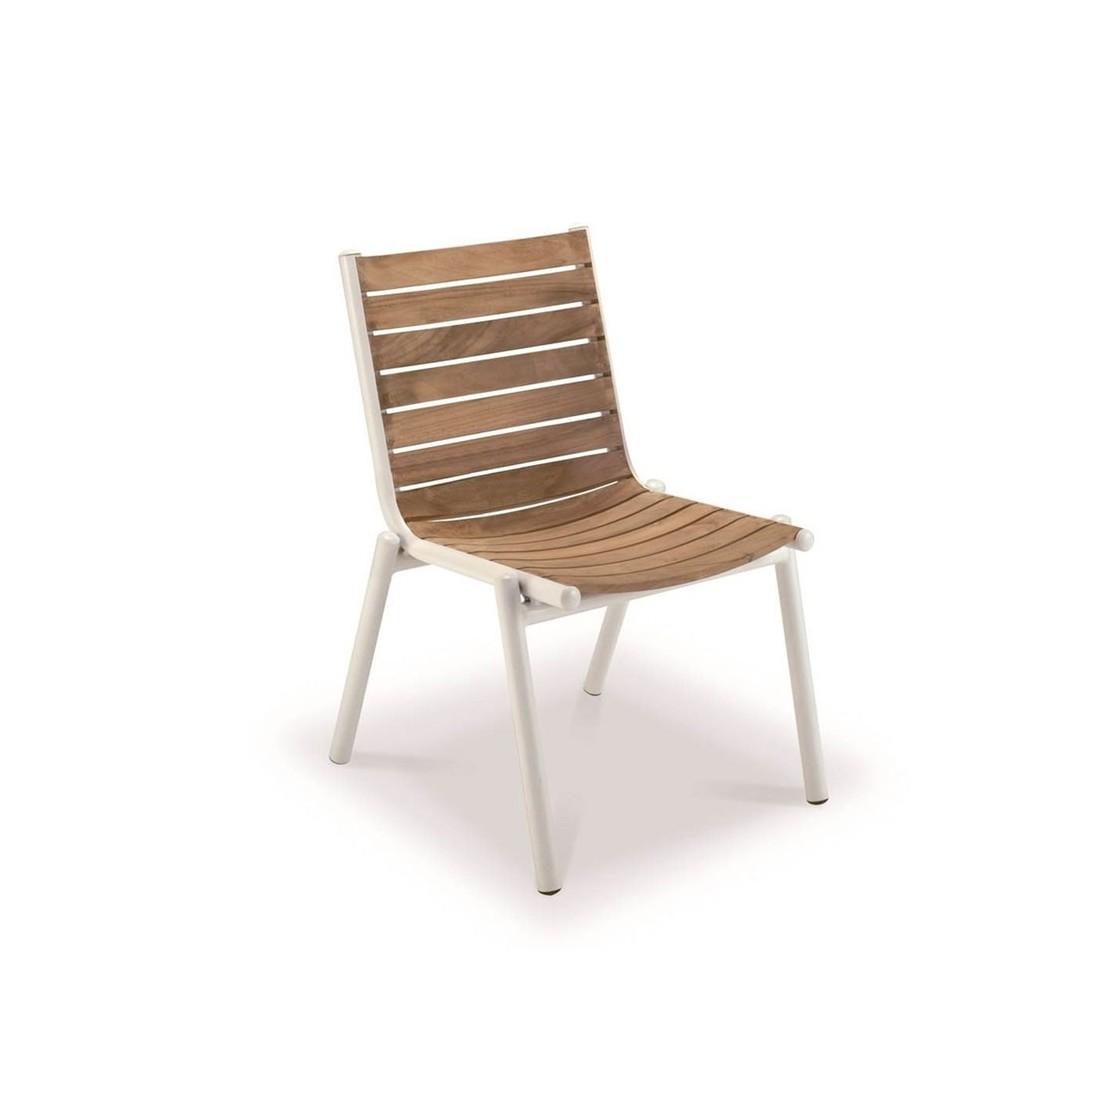 chaise en teck pilotis vlaemynck roland vlaemynck confort jardin. Black Bedroom Furniture Sets. Home Design Ideas